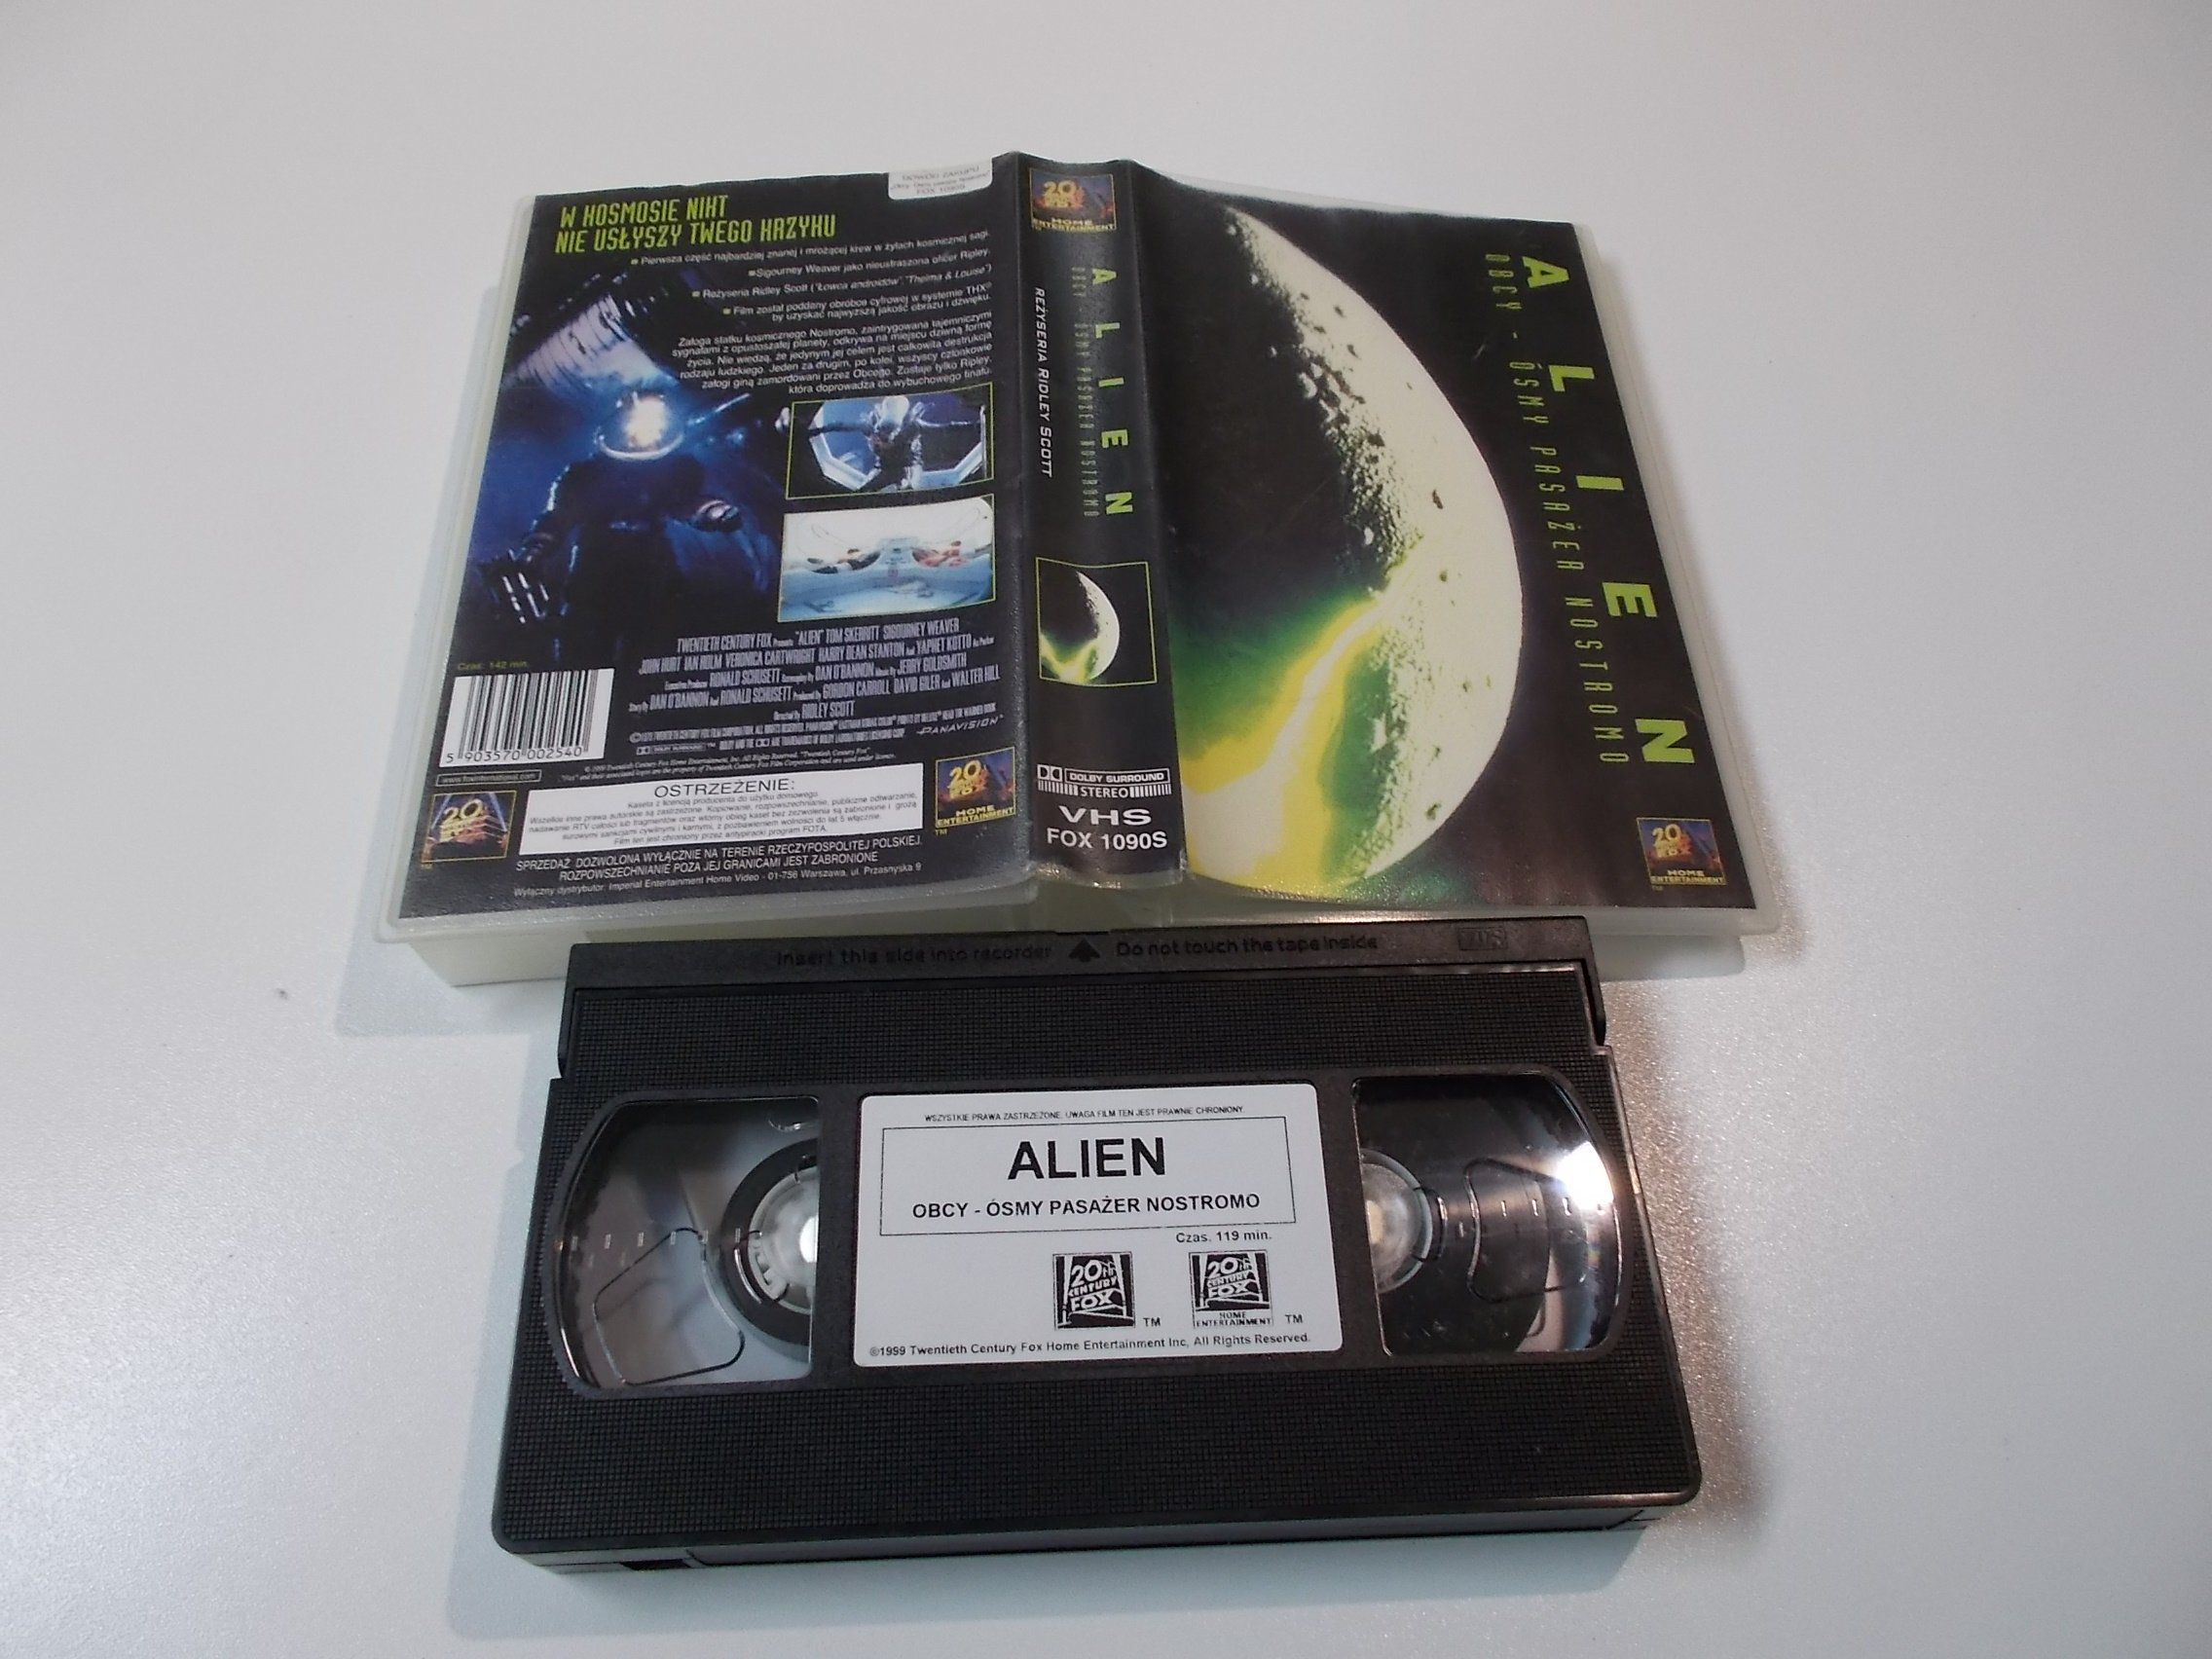 OBCY ÓSMY PASAŻER NOSTROMO - ALIEN - Kaseta Video VHS - 1479 Opole - AlleOpole.pl